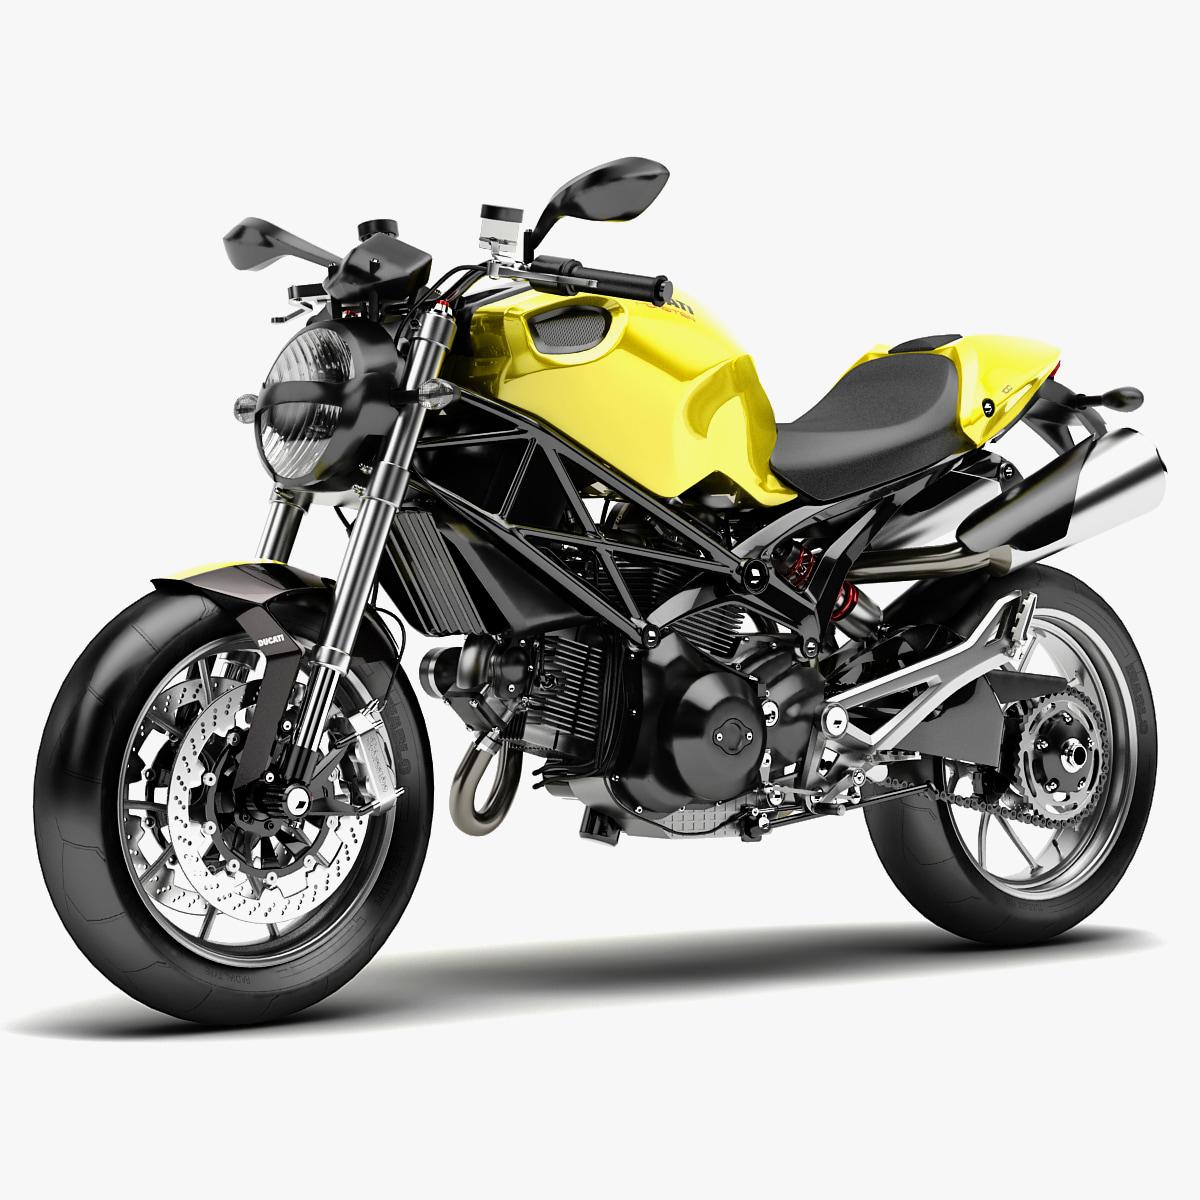 188667_Bike_Ducati_Monster_1100___0001.jpg